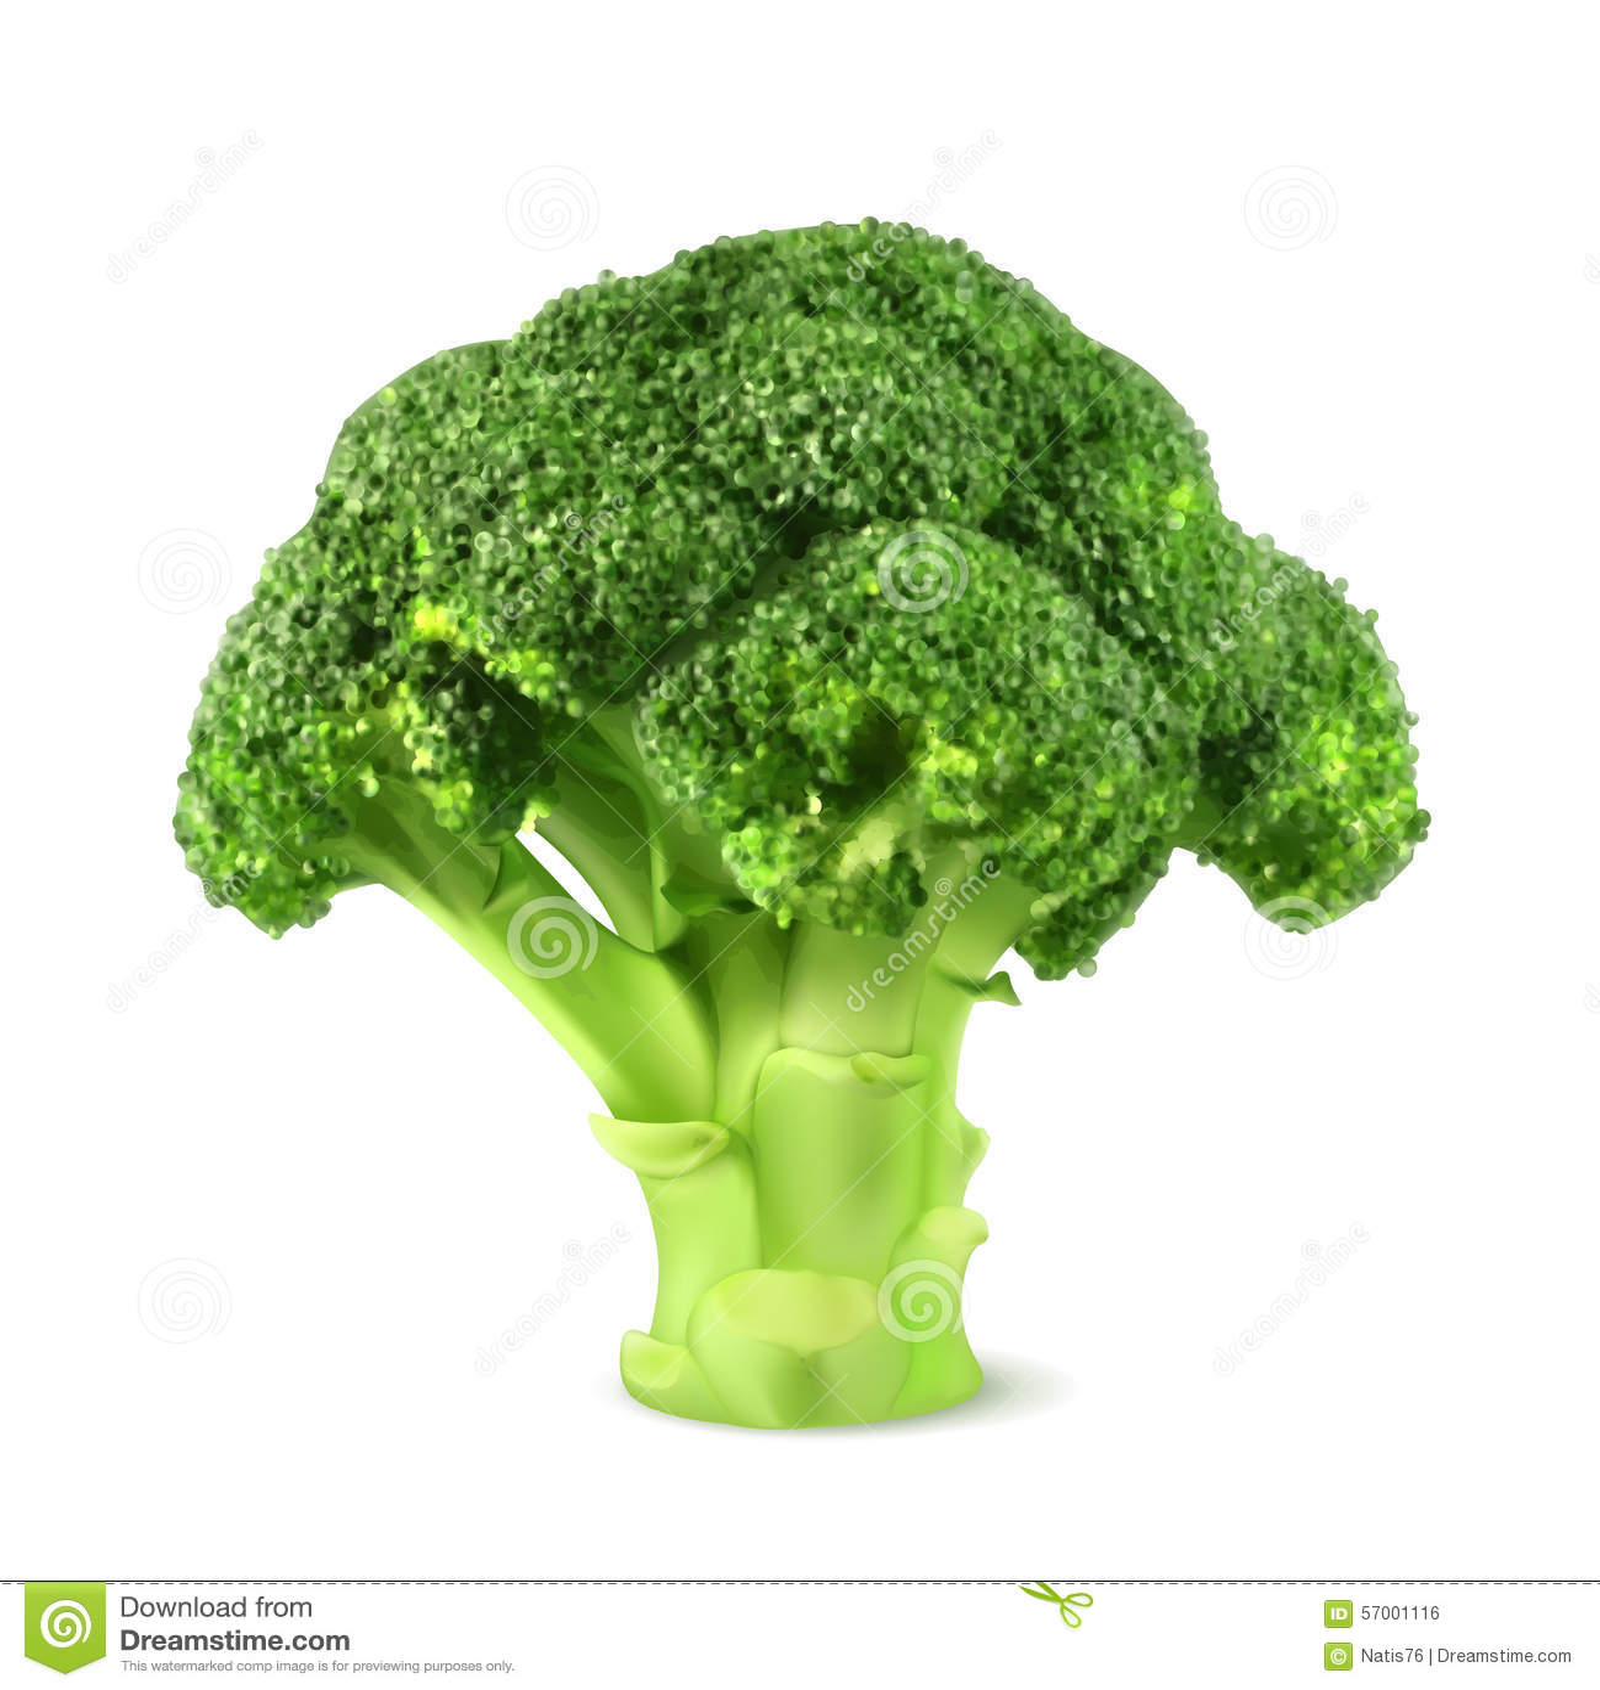 Fresh green broccoli